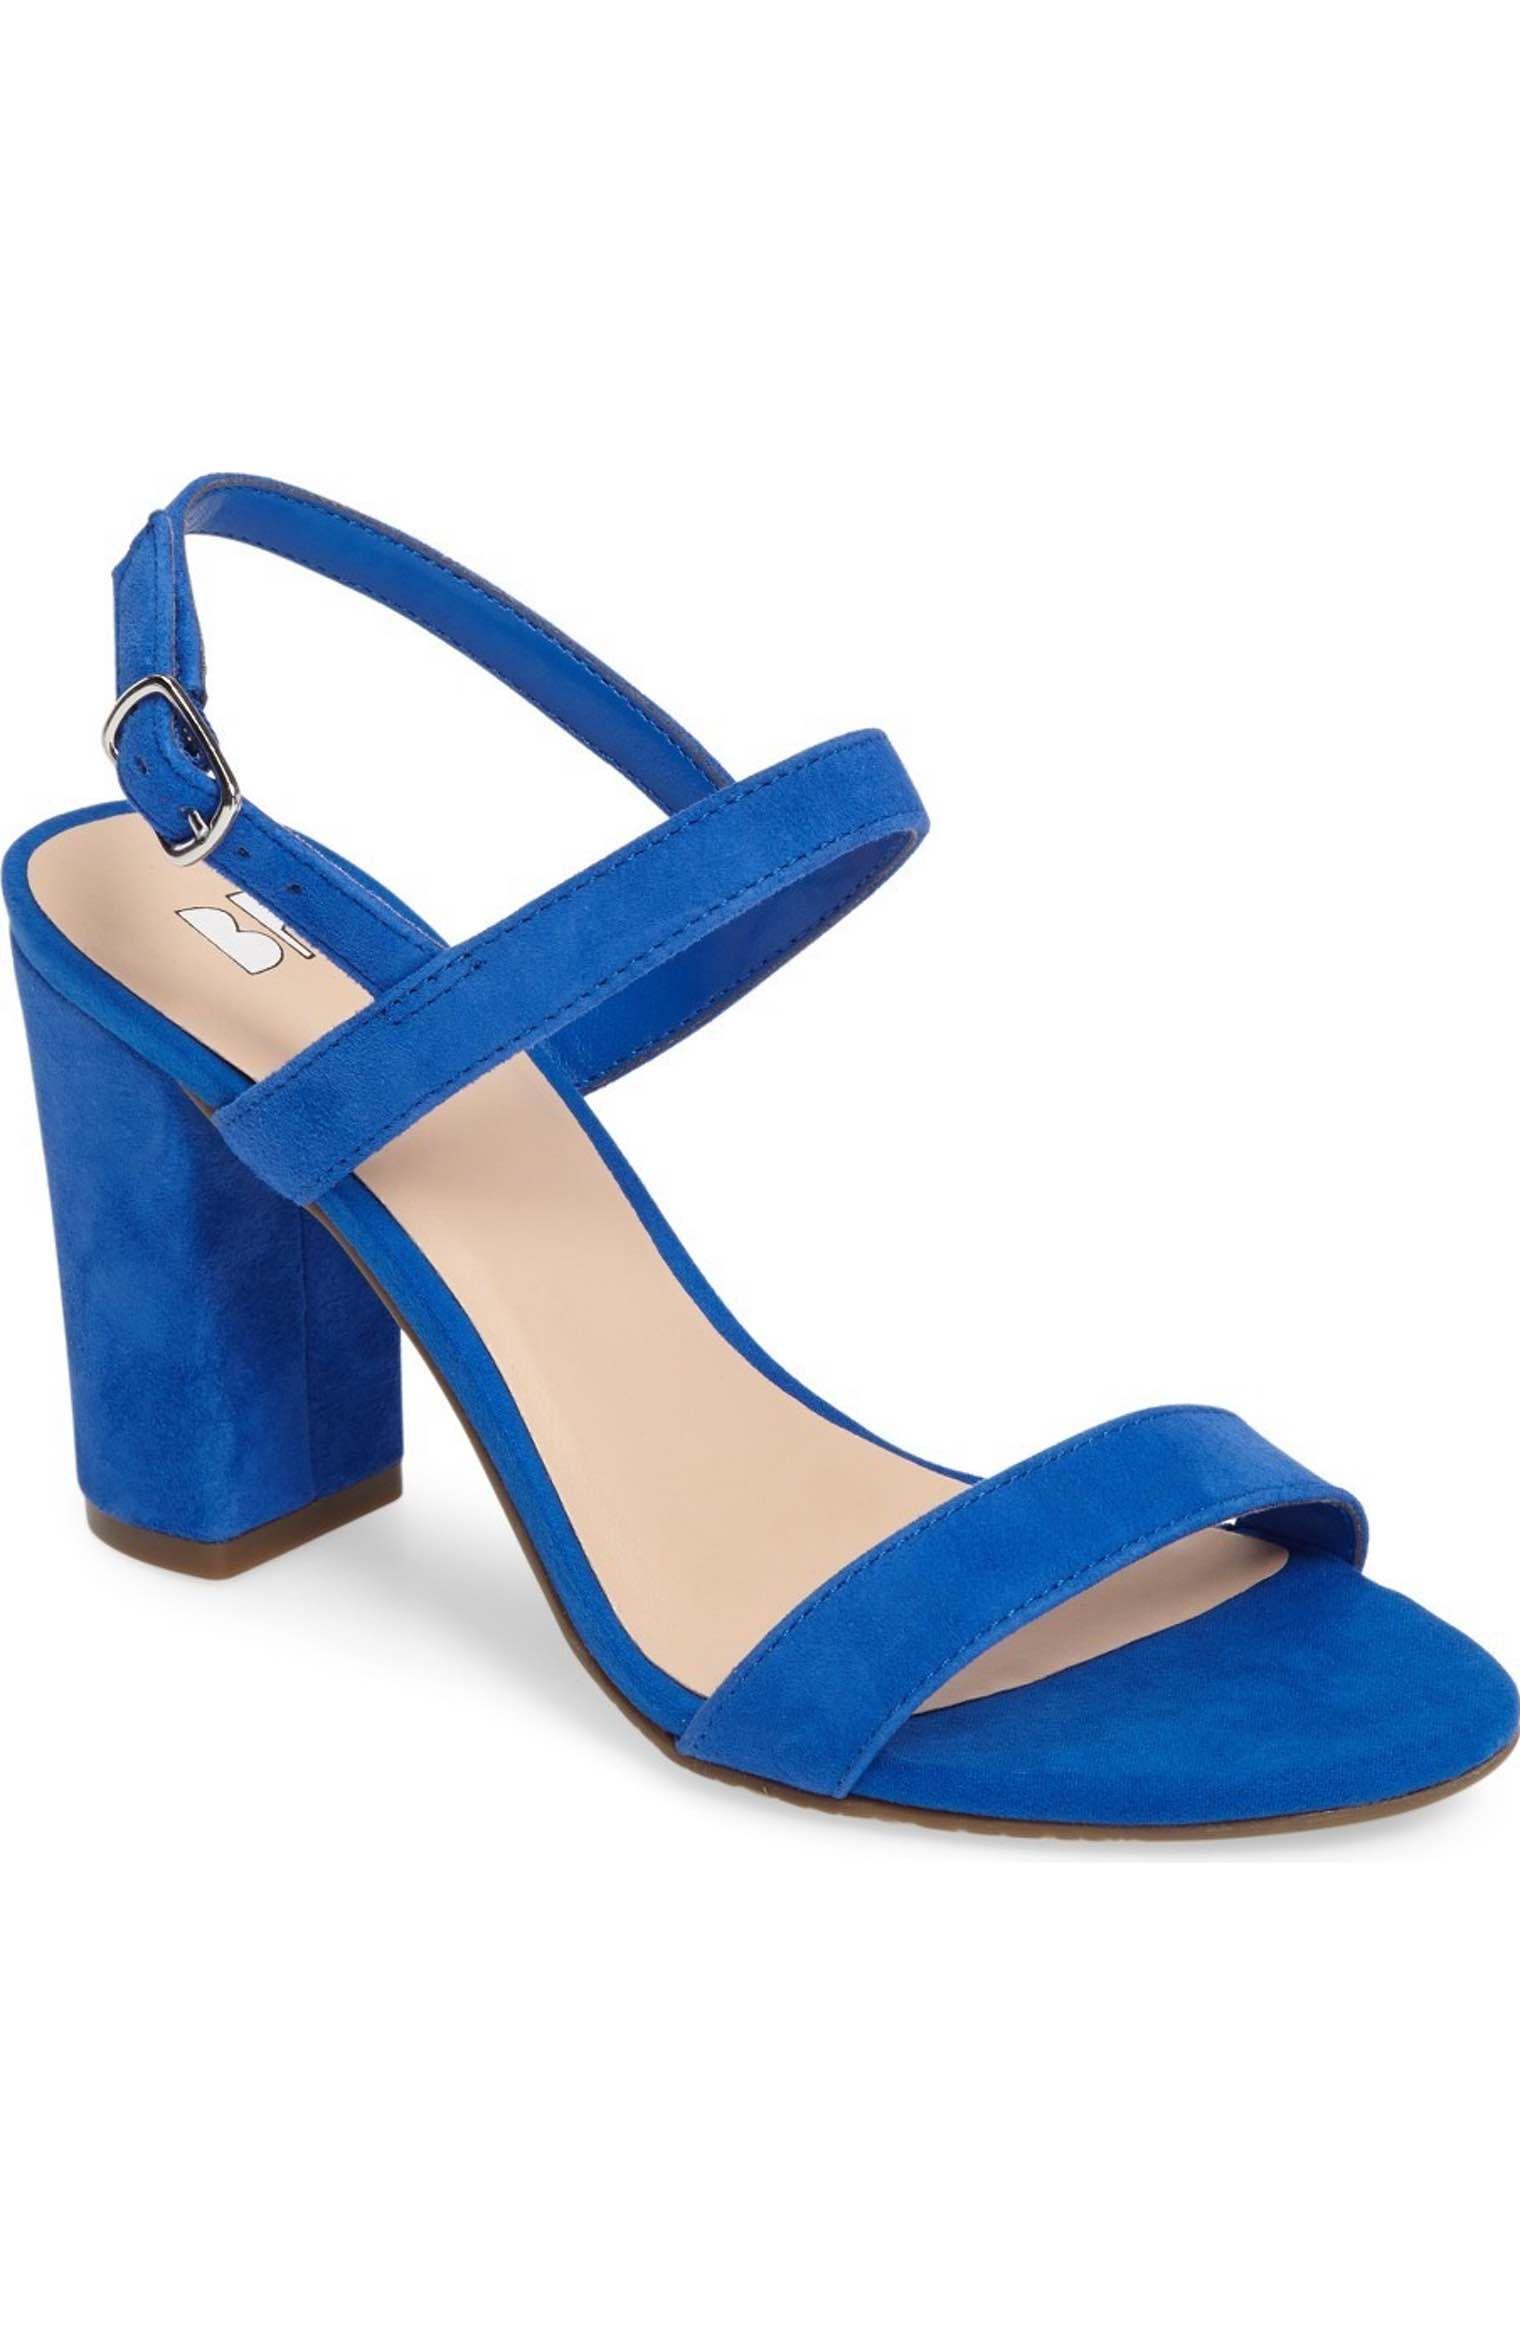 24266a6a8e2f Main Image - BP. Lula Block Heel Slingback Sandal (Women)